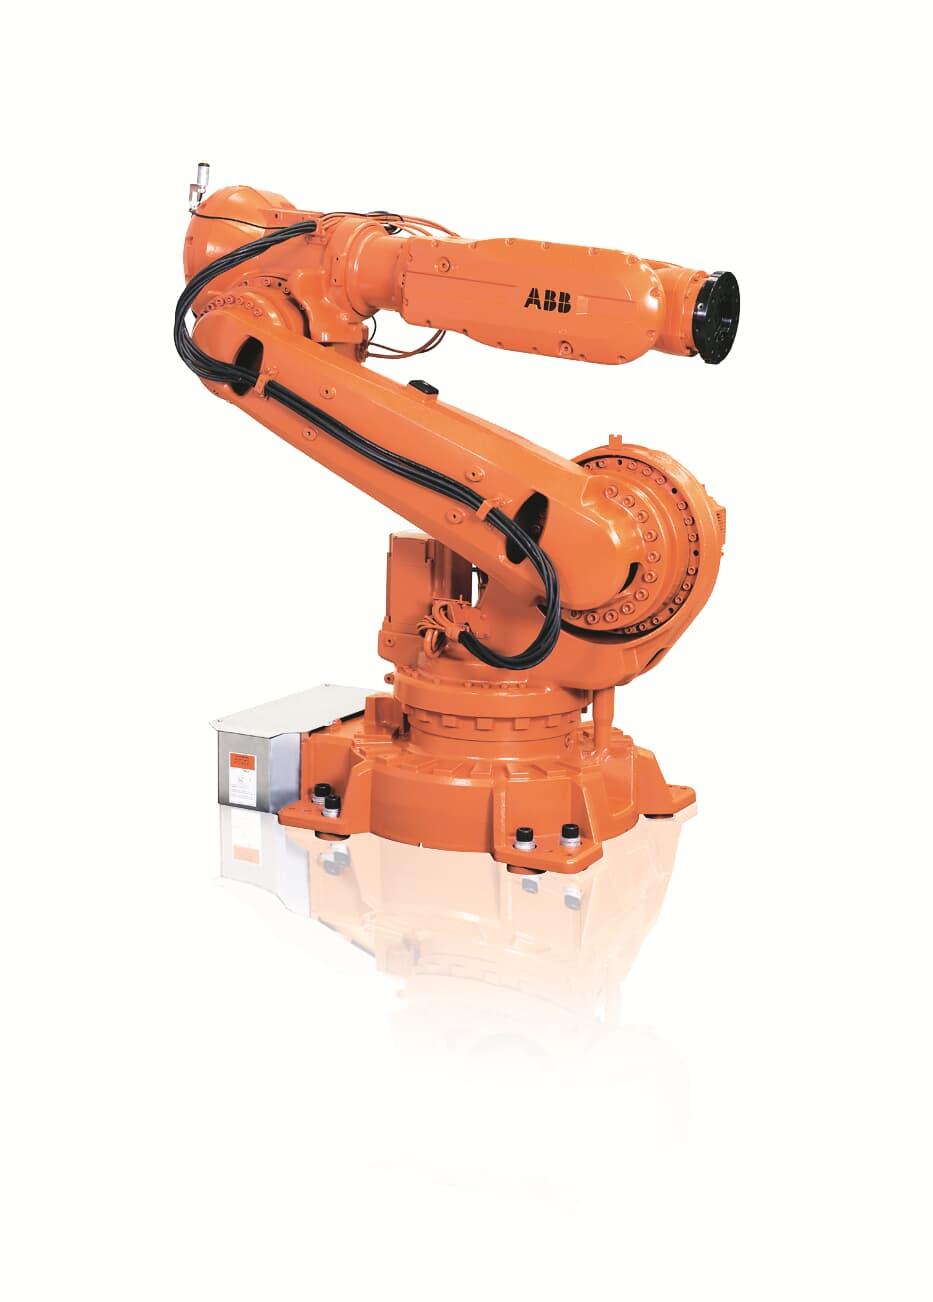 ABB-robot IRB 6620